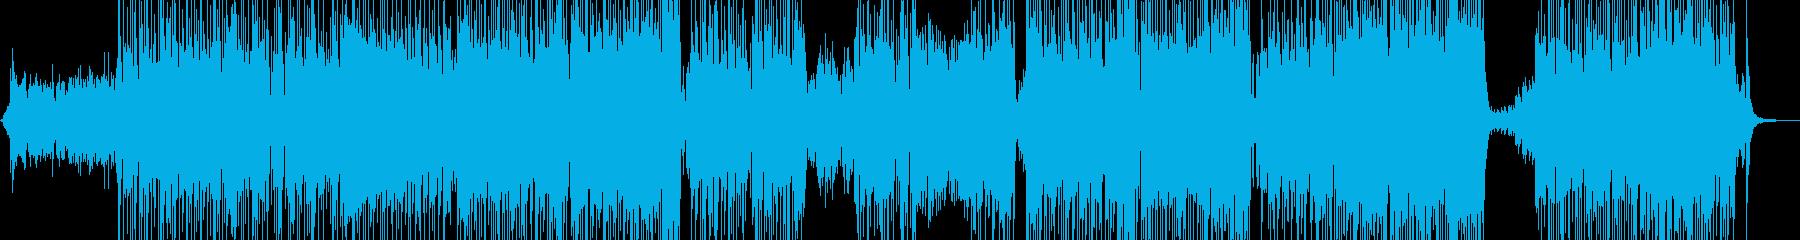 胸キュン映像にマッチすポップスの再生済みの波形